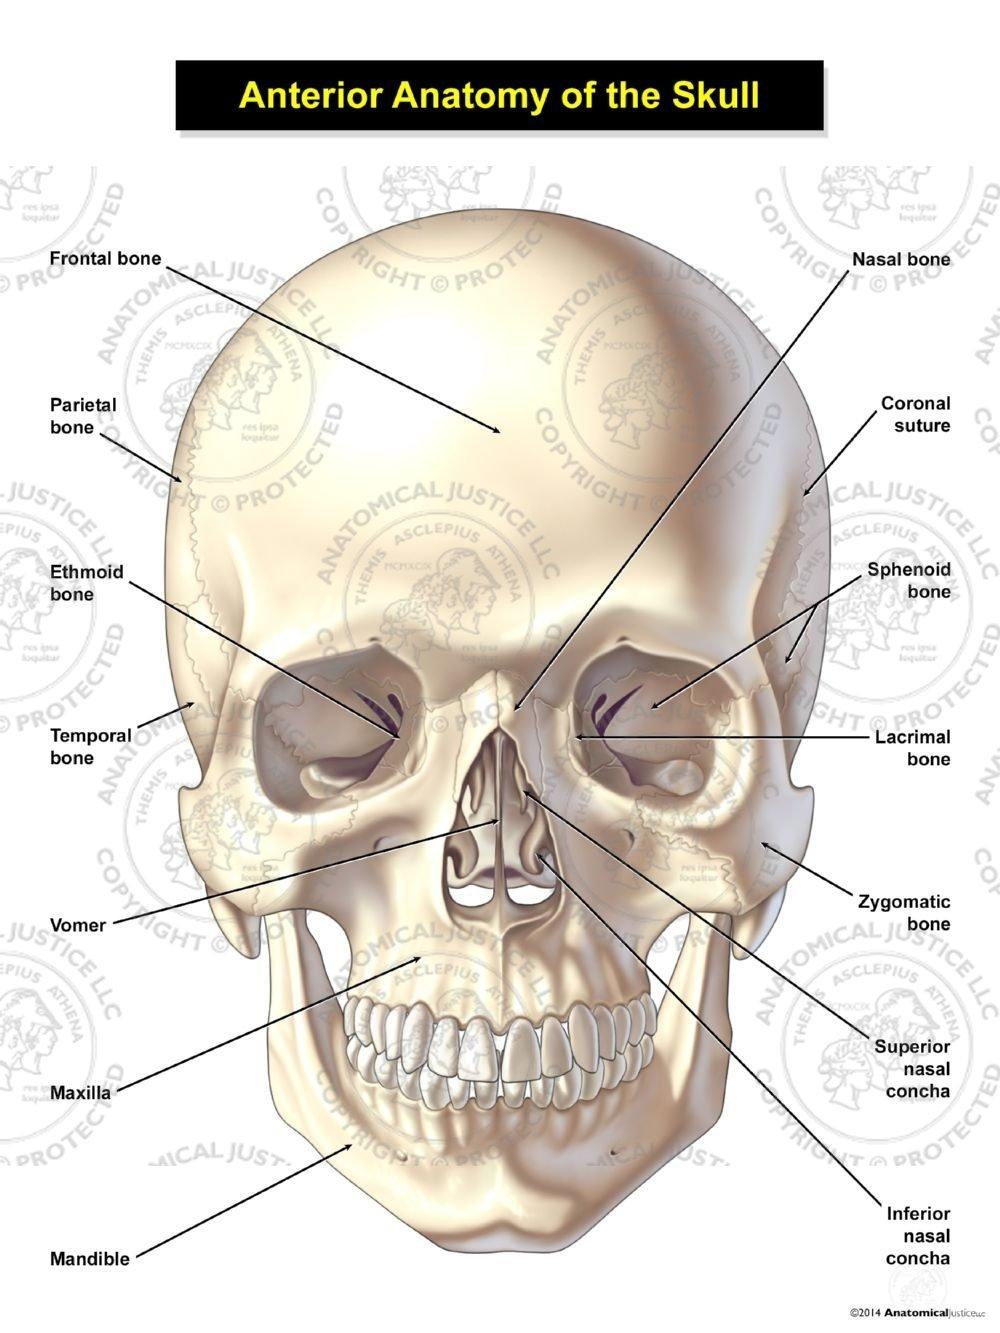 medium resolution of s04001 ant anat skull jpg